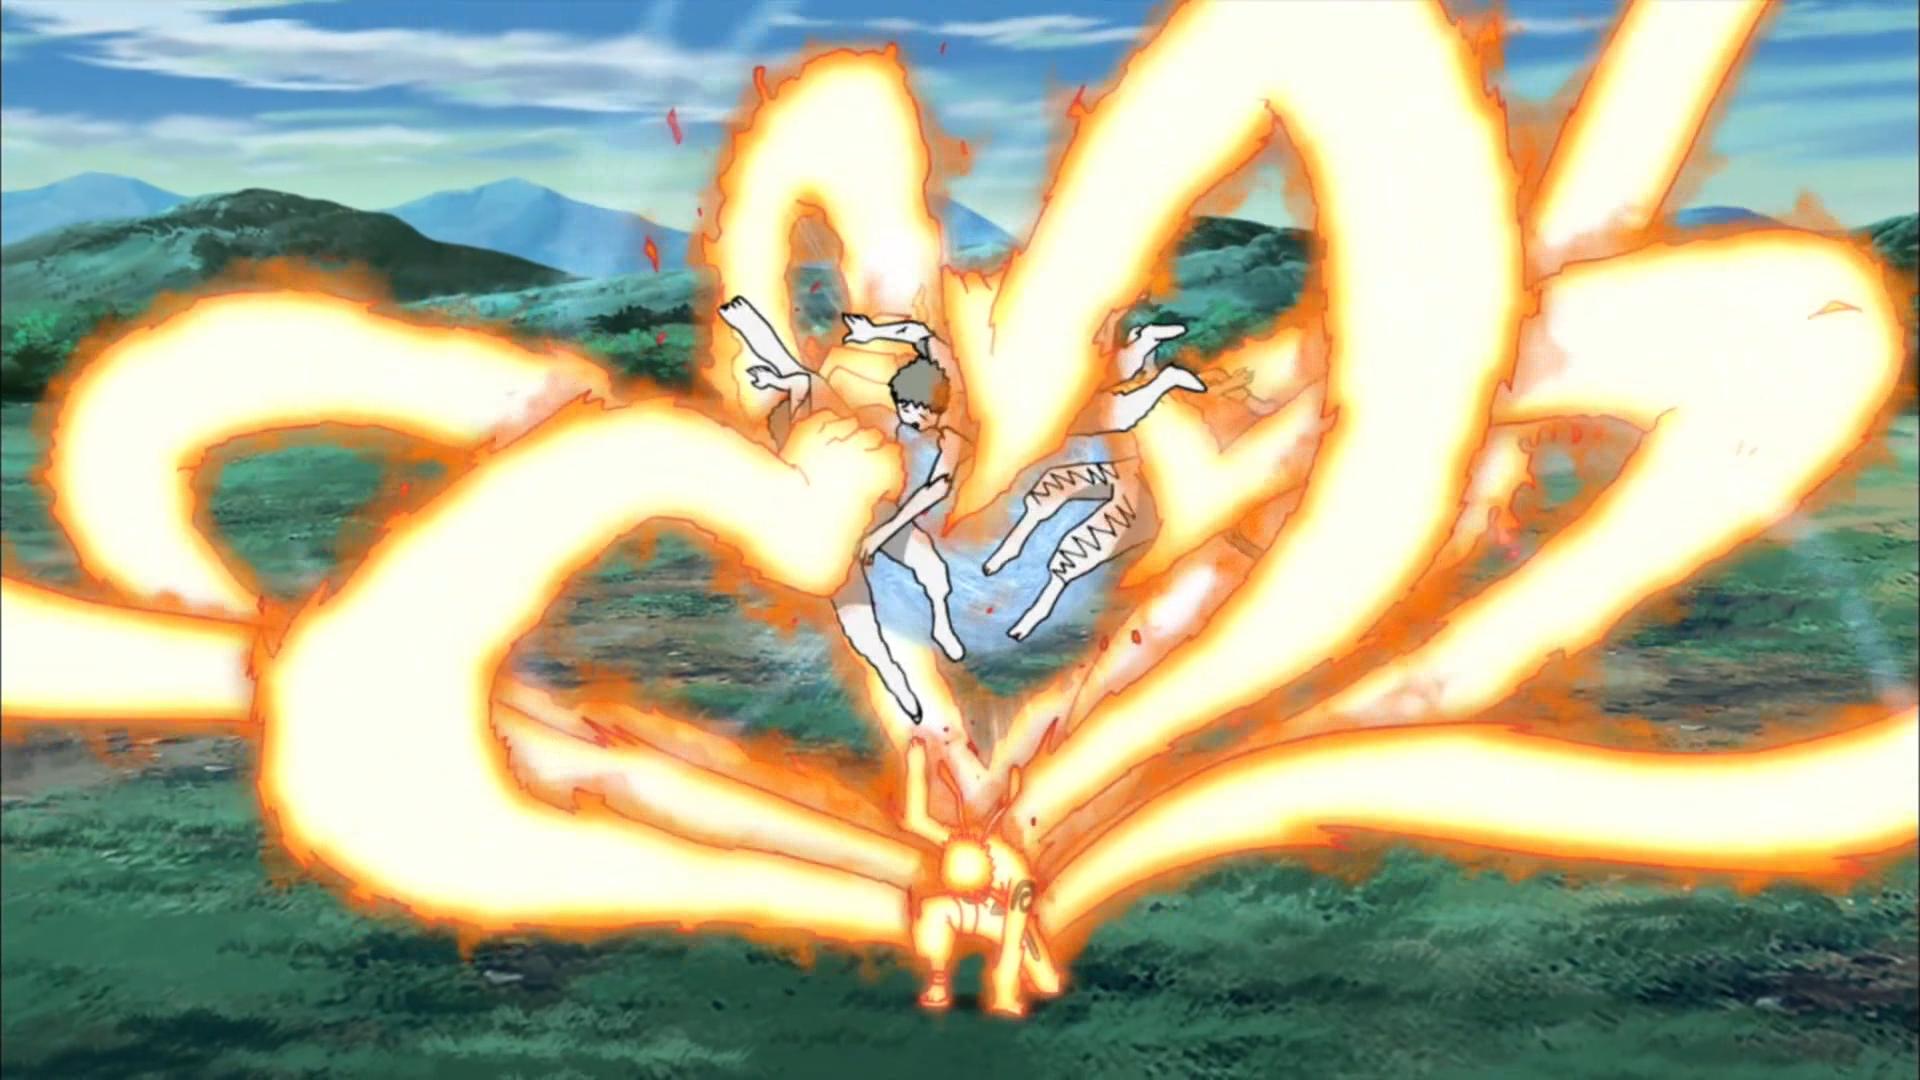 [FP] Uzumaki Naruto Rasenkyugan